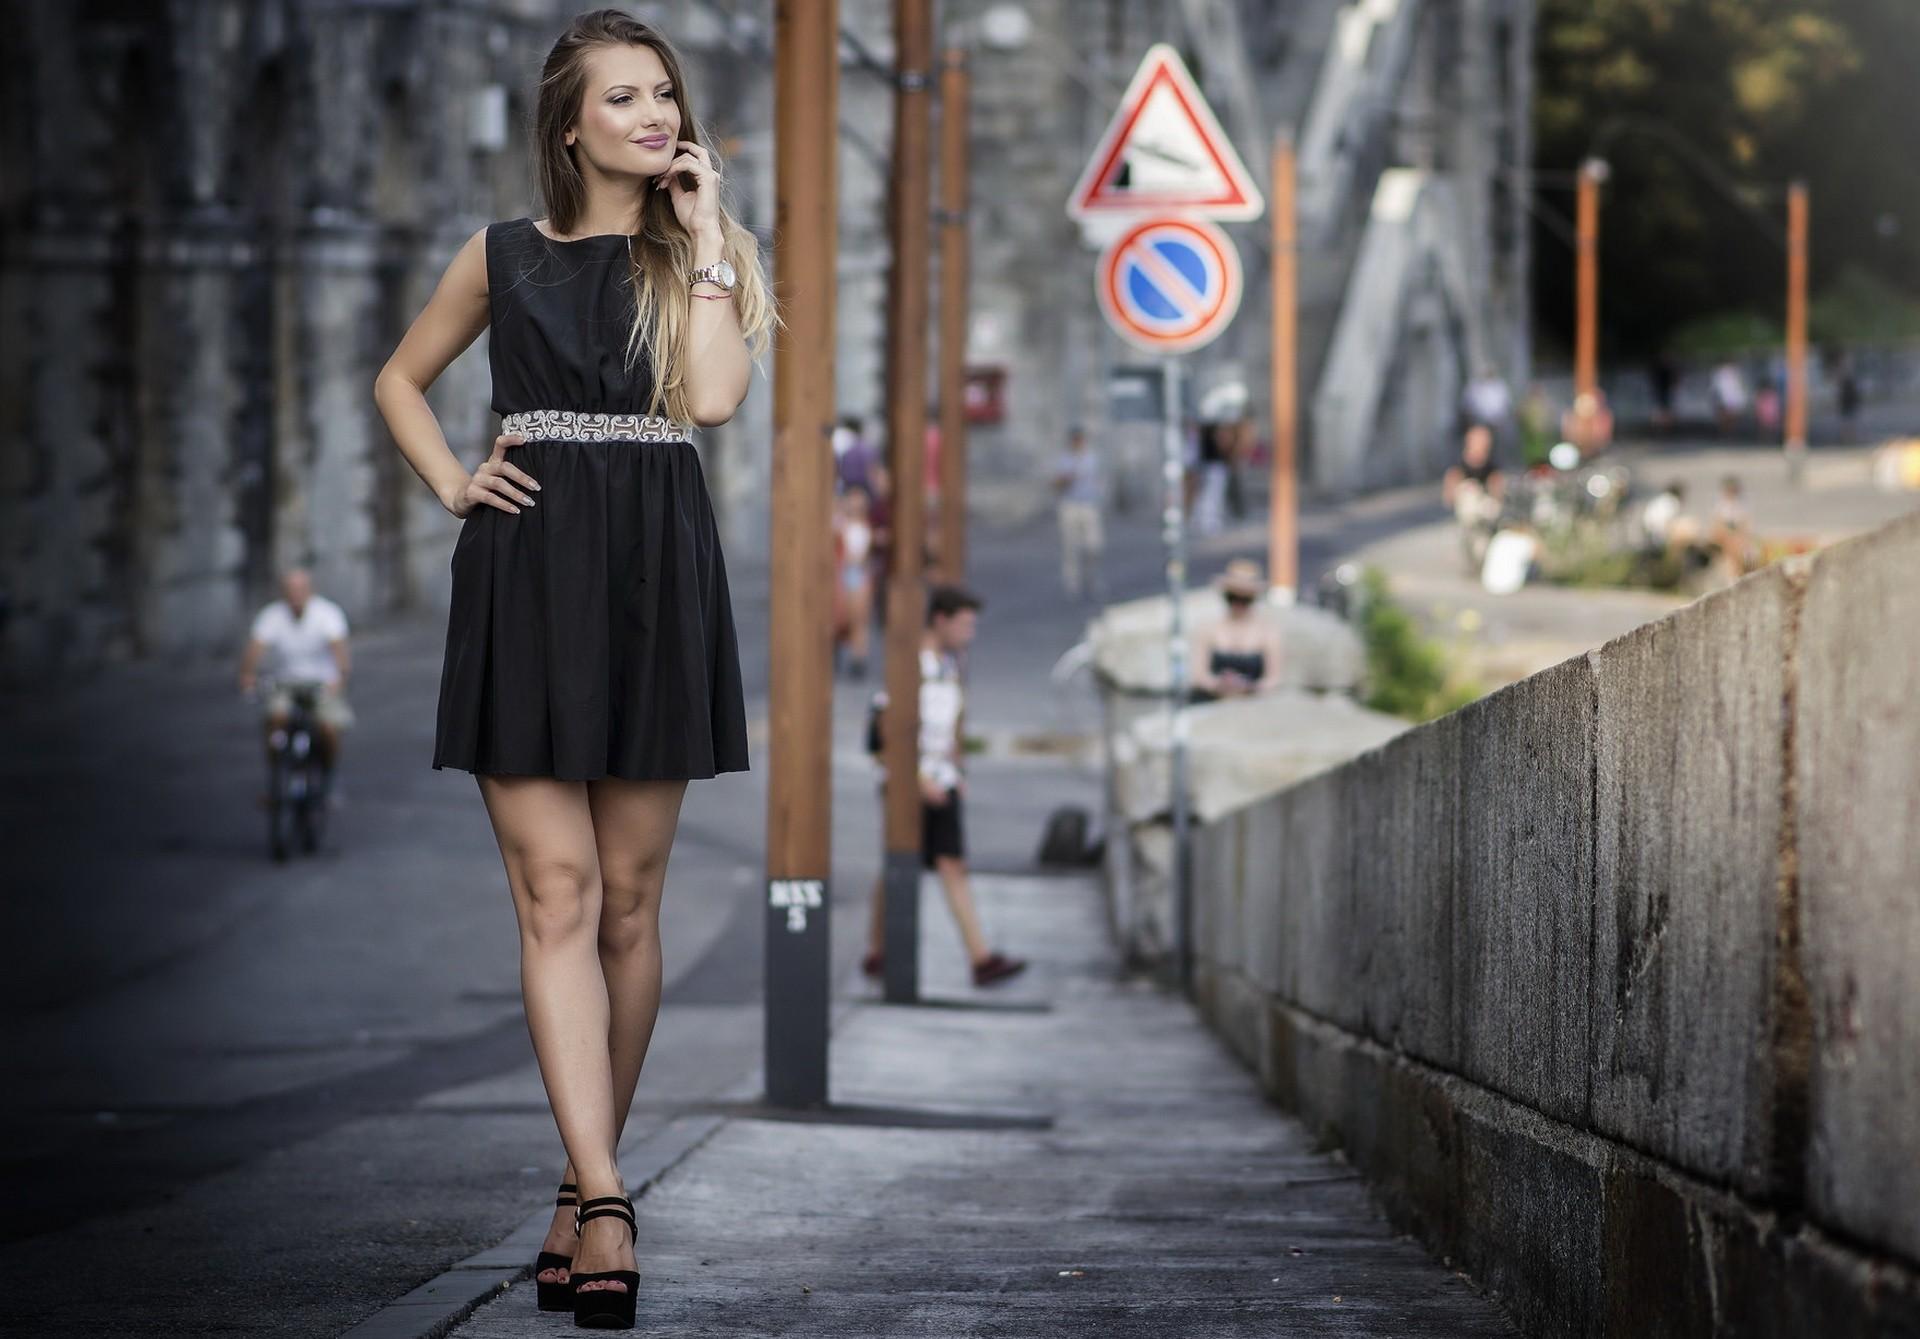 Идеи для фотосессий / идеи фотосессий для девушек 24